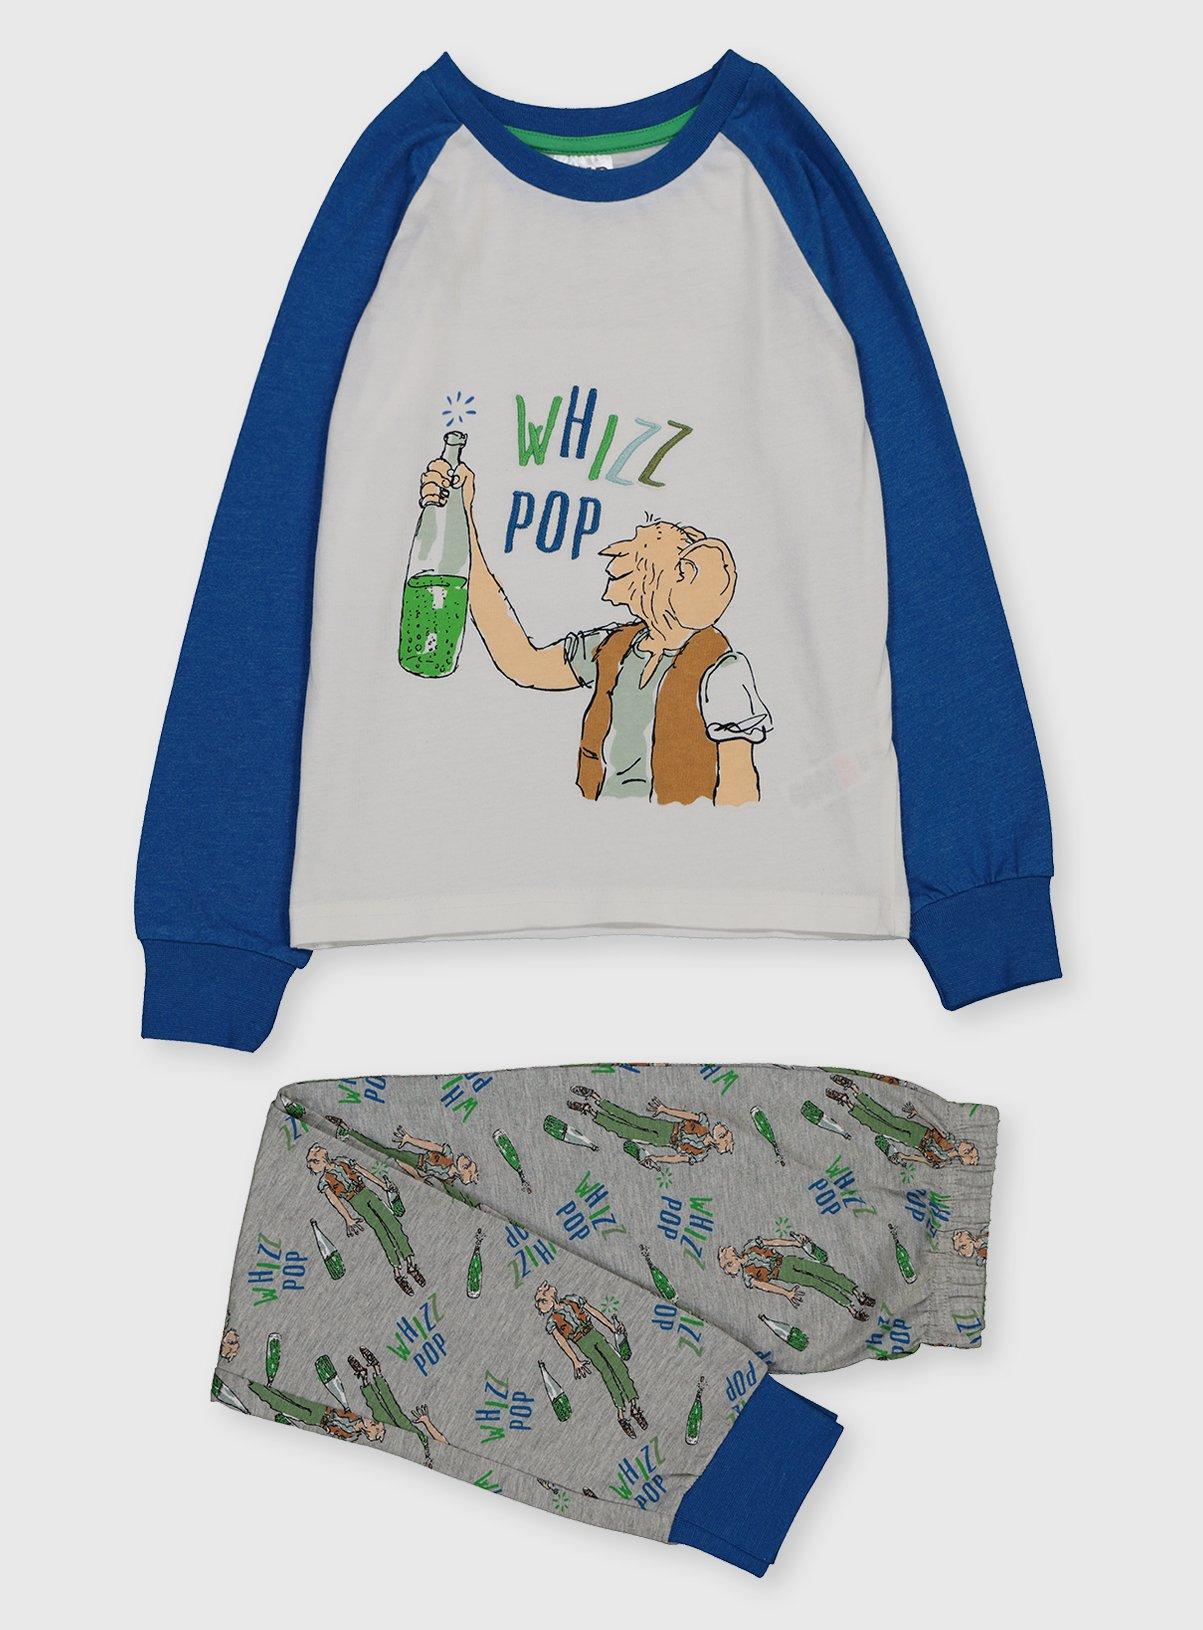 Roald Dahl Pyjamas - £5 Tu Free click and collect @ Argos